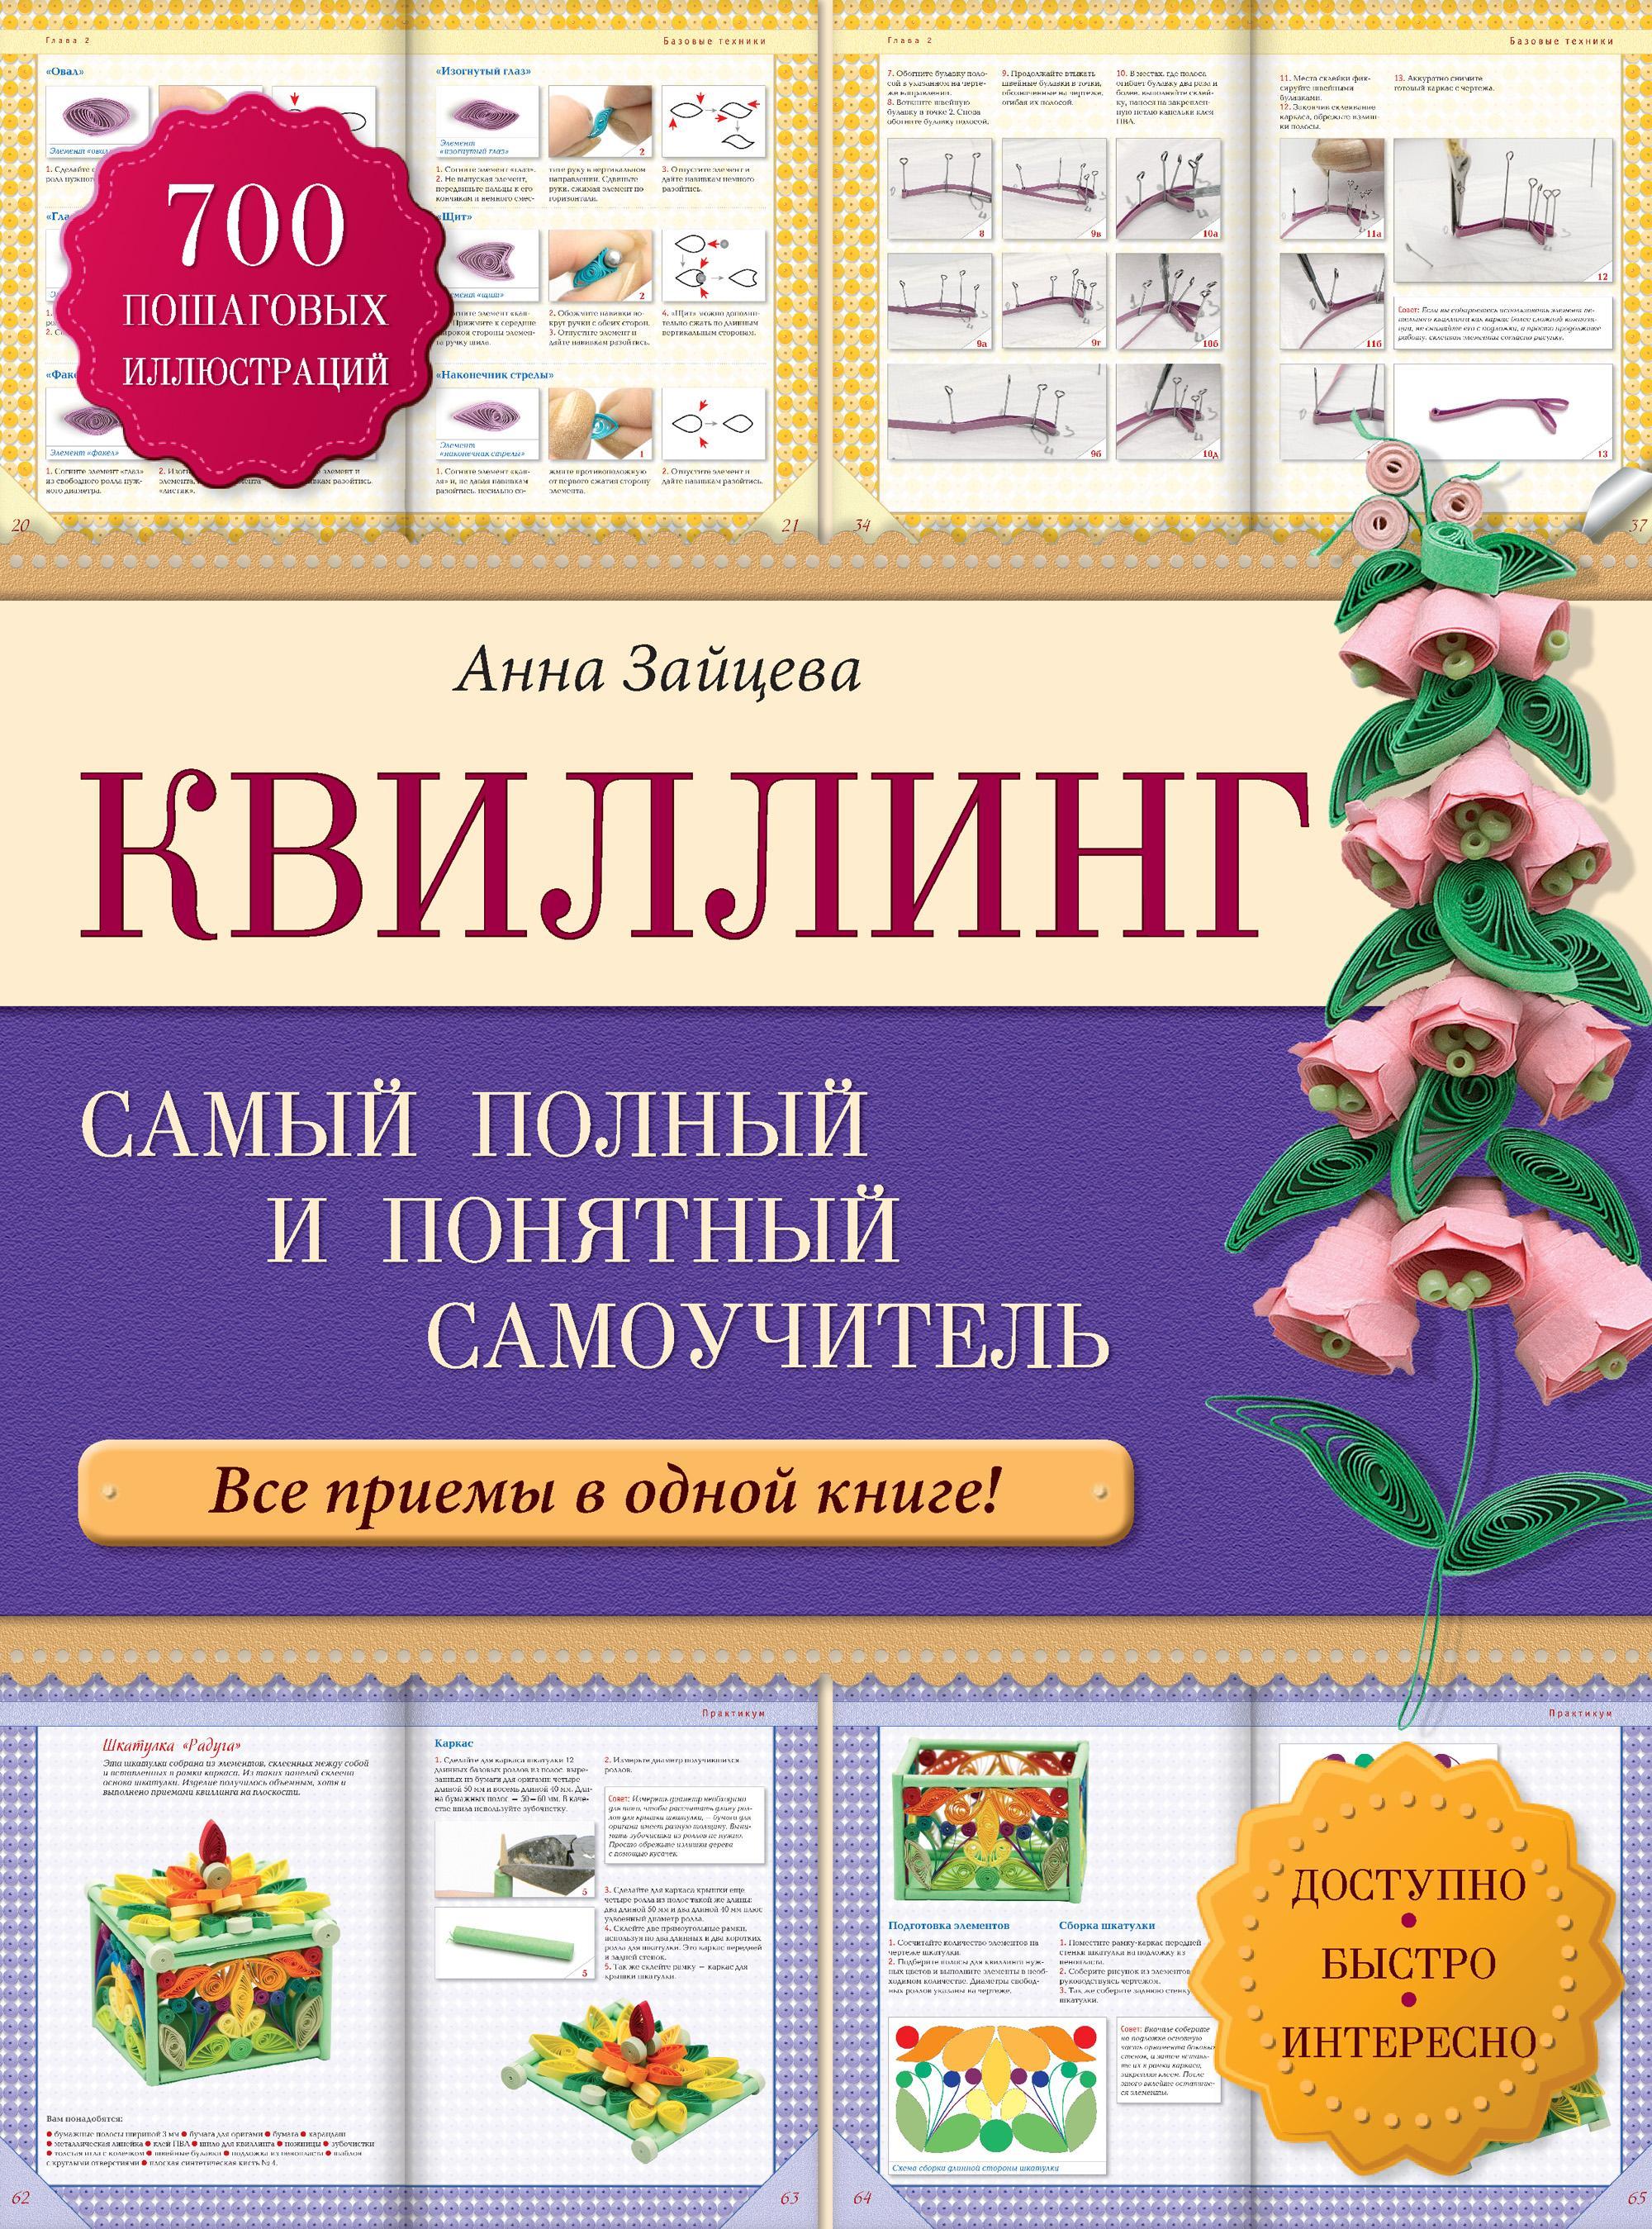 Анна Зайцева Квиллинг: самый полный и понятный самоучитель торманова а плетение из бумажных трубочек самый полный и понятный самоучитель все основные приемы в одной книге 500 пошаговых иллюстраций